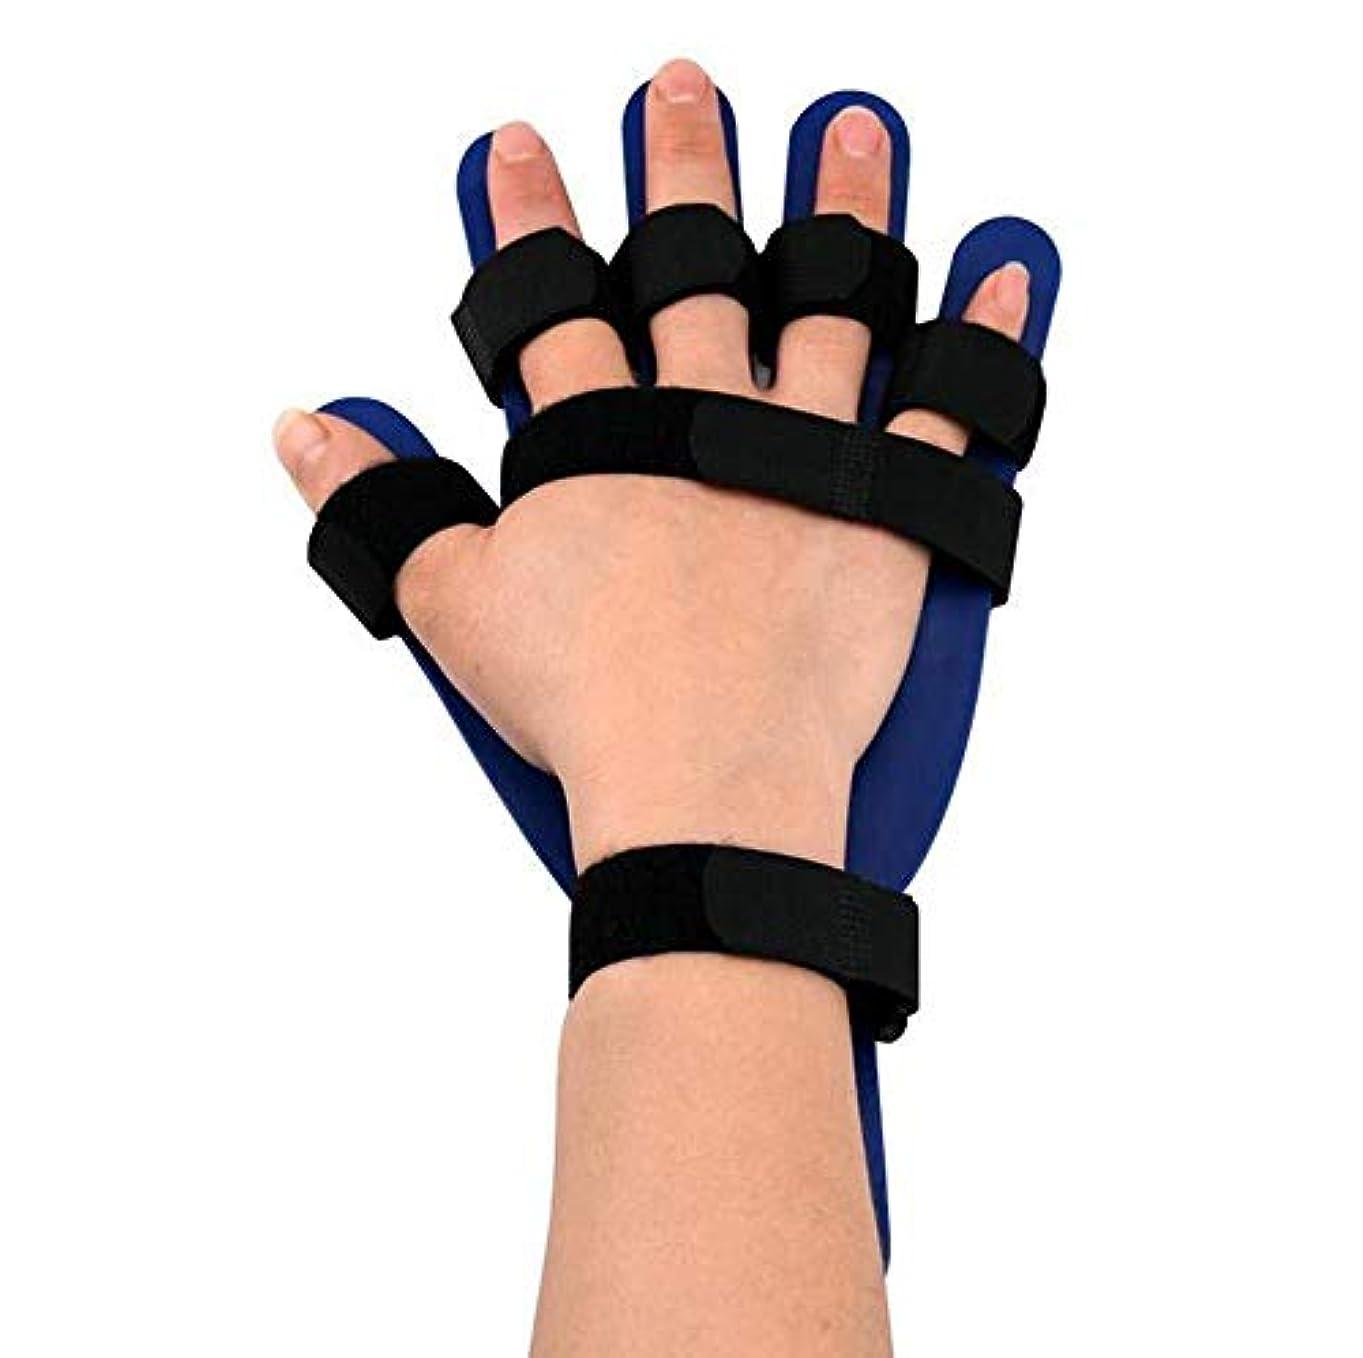 通貨虎トライアスリート親指サポートトリガーフィンガースプリント、右手首スプリントユニセックスフィンガープレート,Right Hand